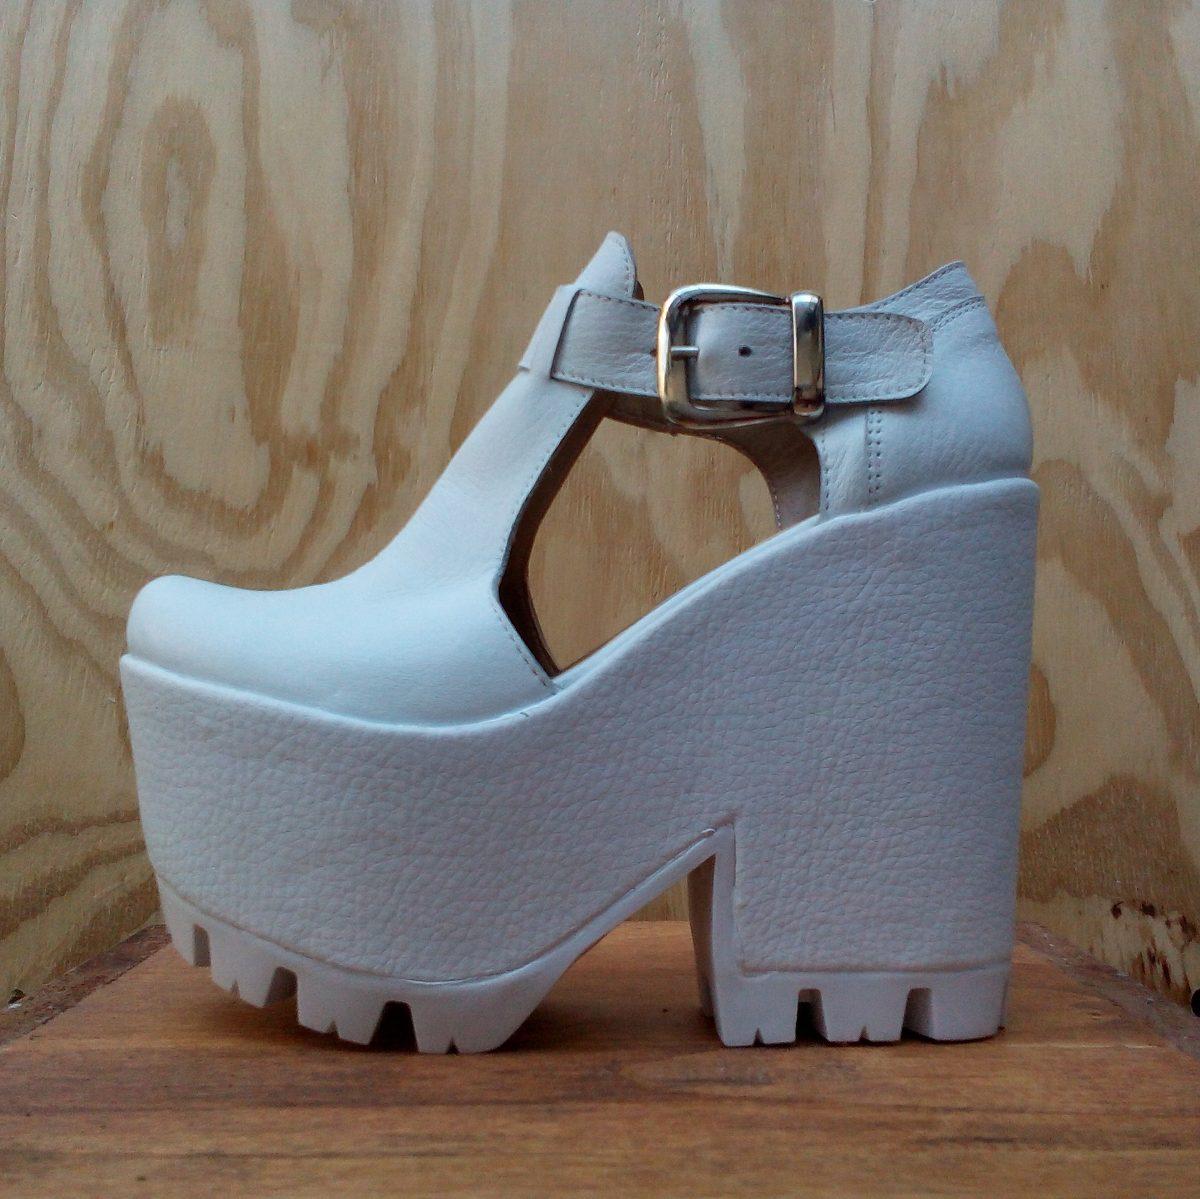 990 Cuero Mujer Guillermina Paradisea Zapato Plataforma Sandalia dIwqWYf 98b0cb9e341a